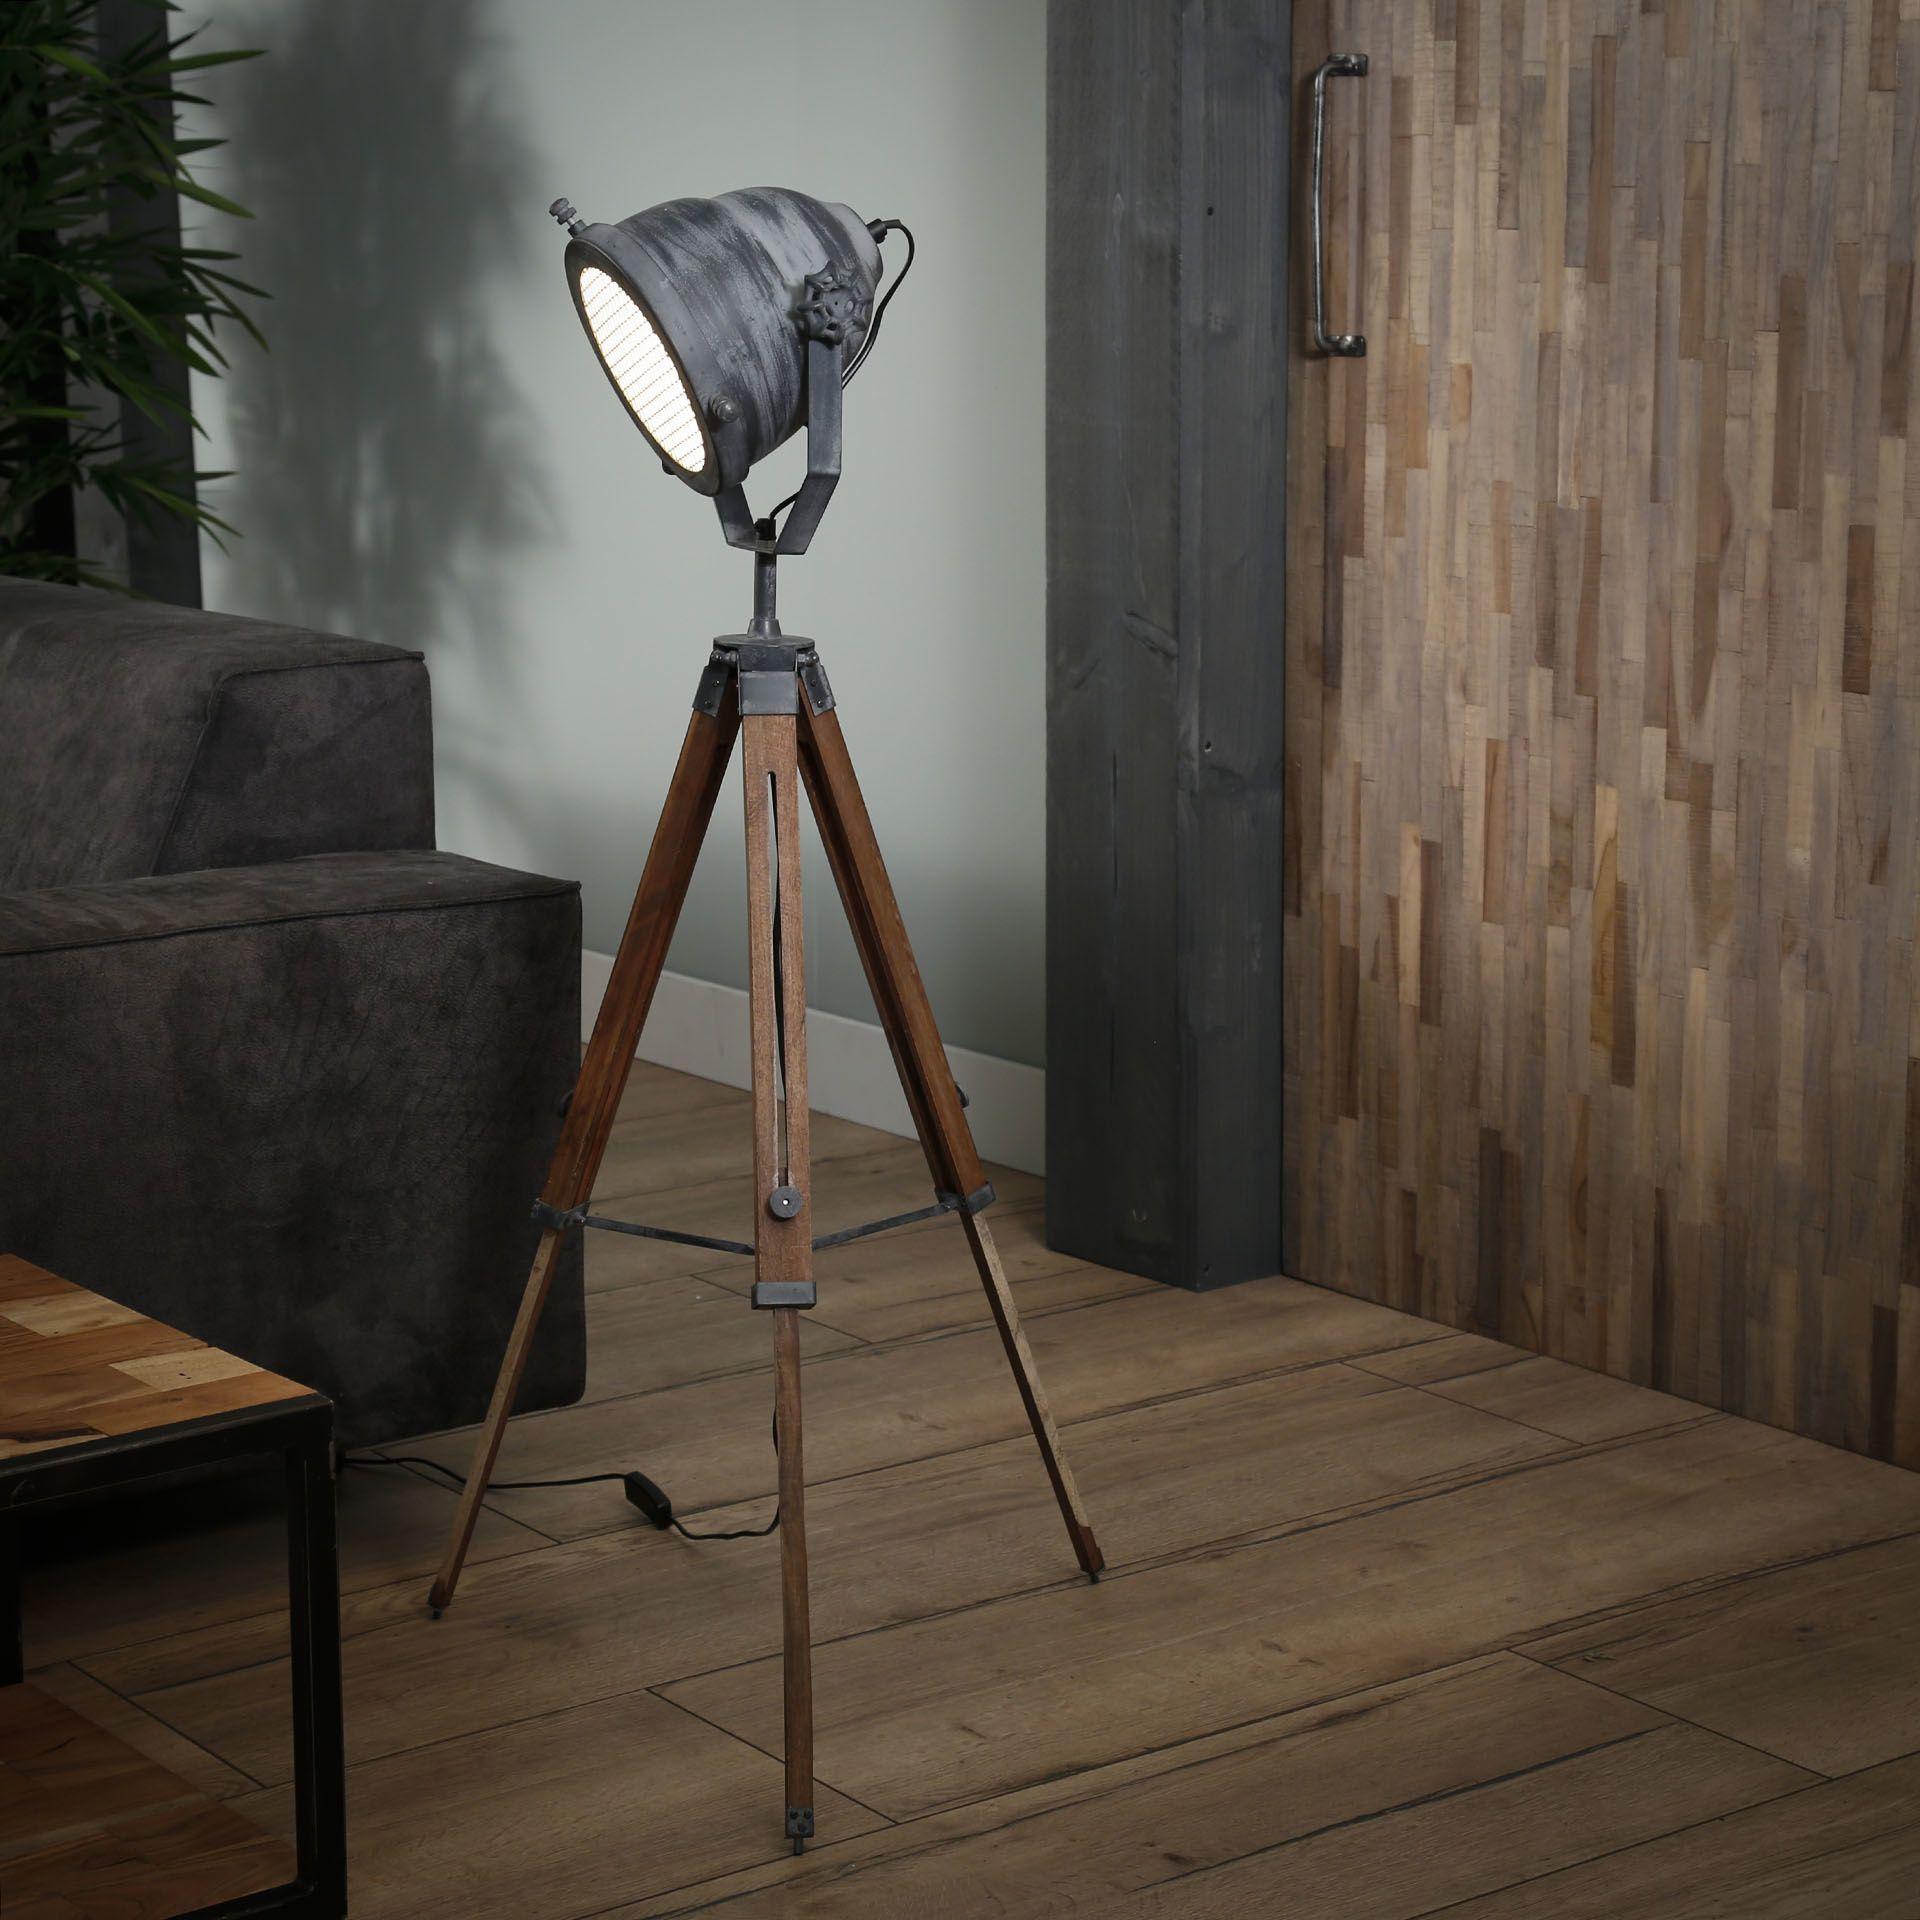 Stehlampe Laura Dreibein Betonlook in 2020 | Stehlampe